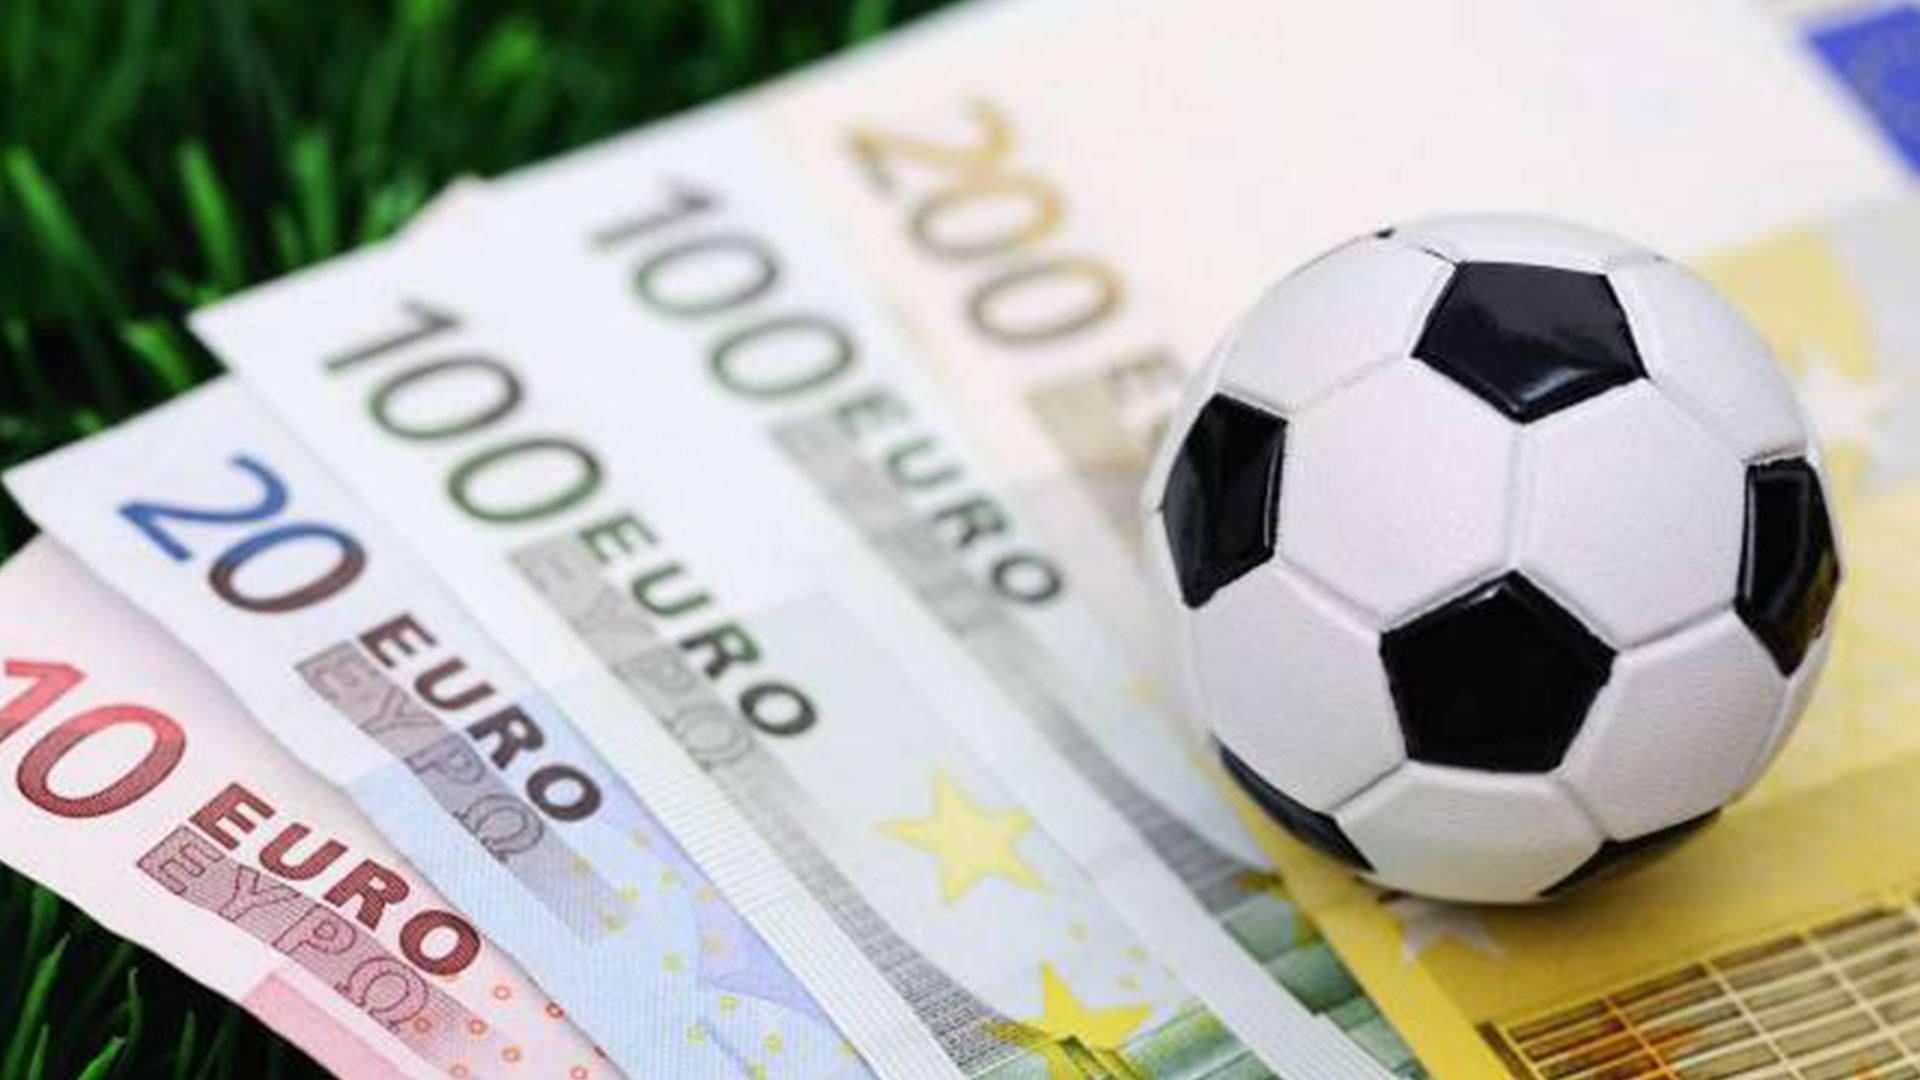 Ein Fußball liegt auf Euroscheinen als Sinnbild für Sportwetten